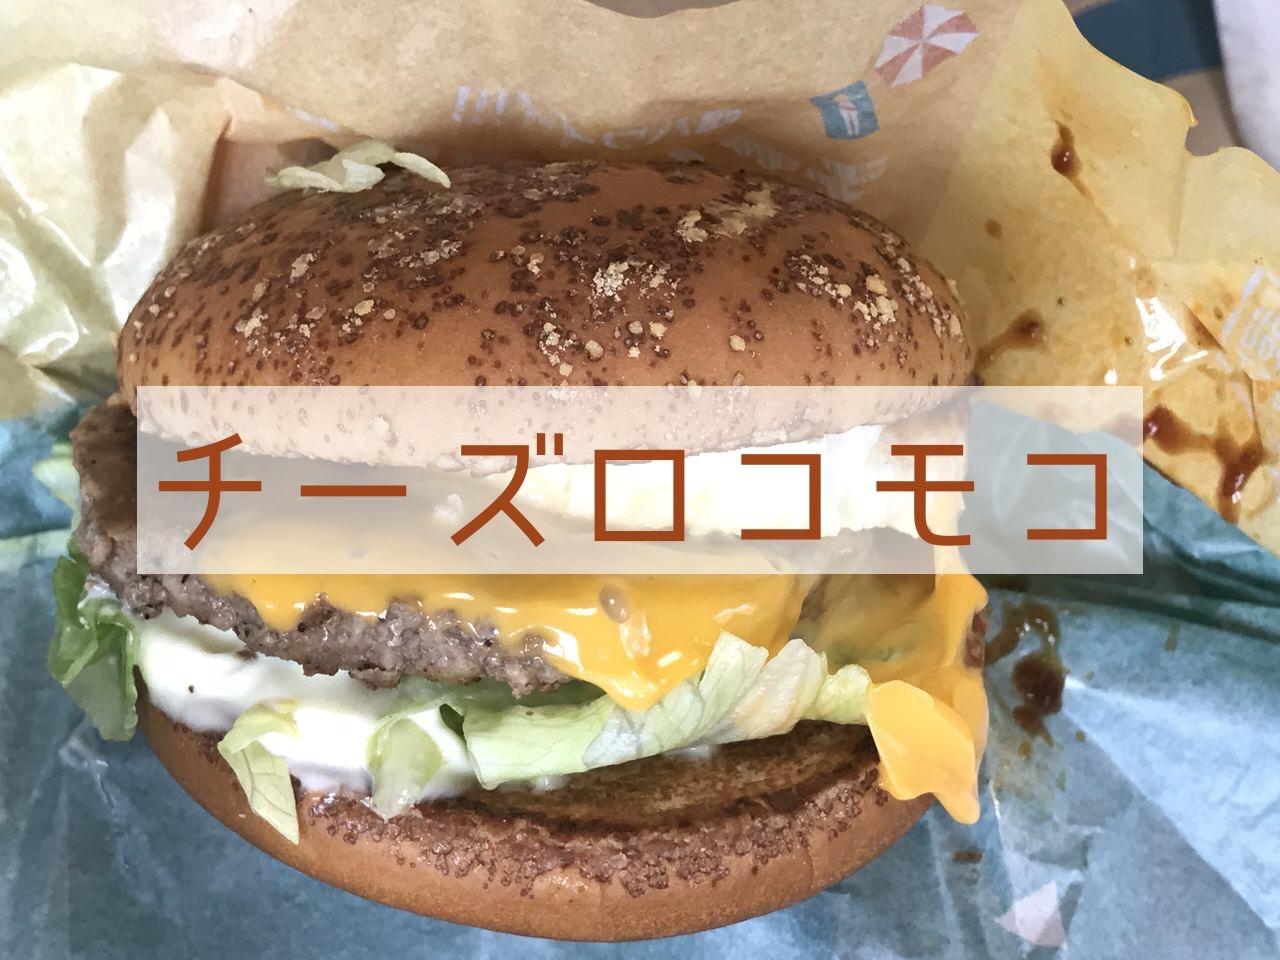 【マクドナルド】想定外の旨さ!「チーズロコモコバーガー」と「シャカシャカポテト 旨辛ホットチリ」